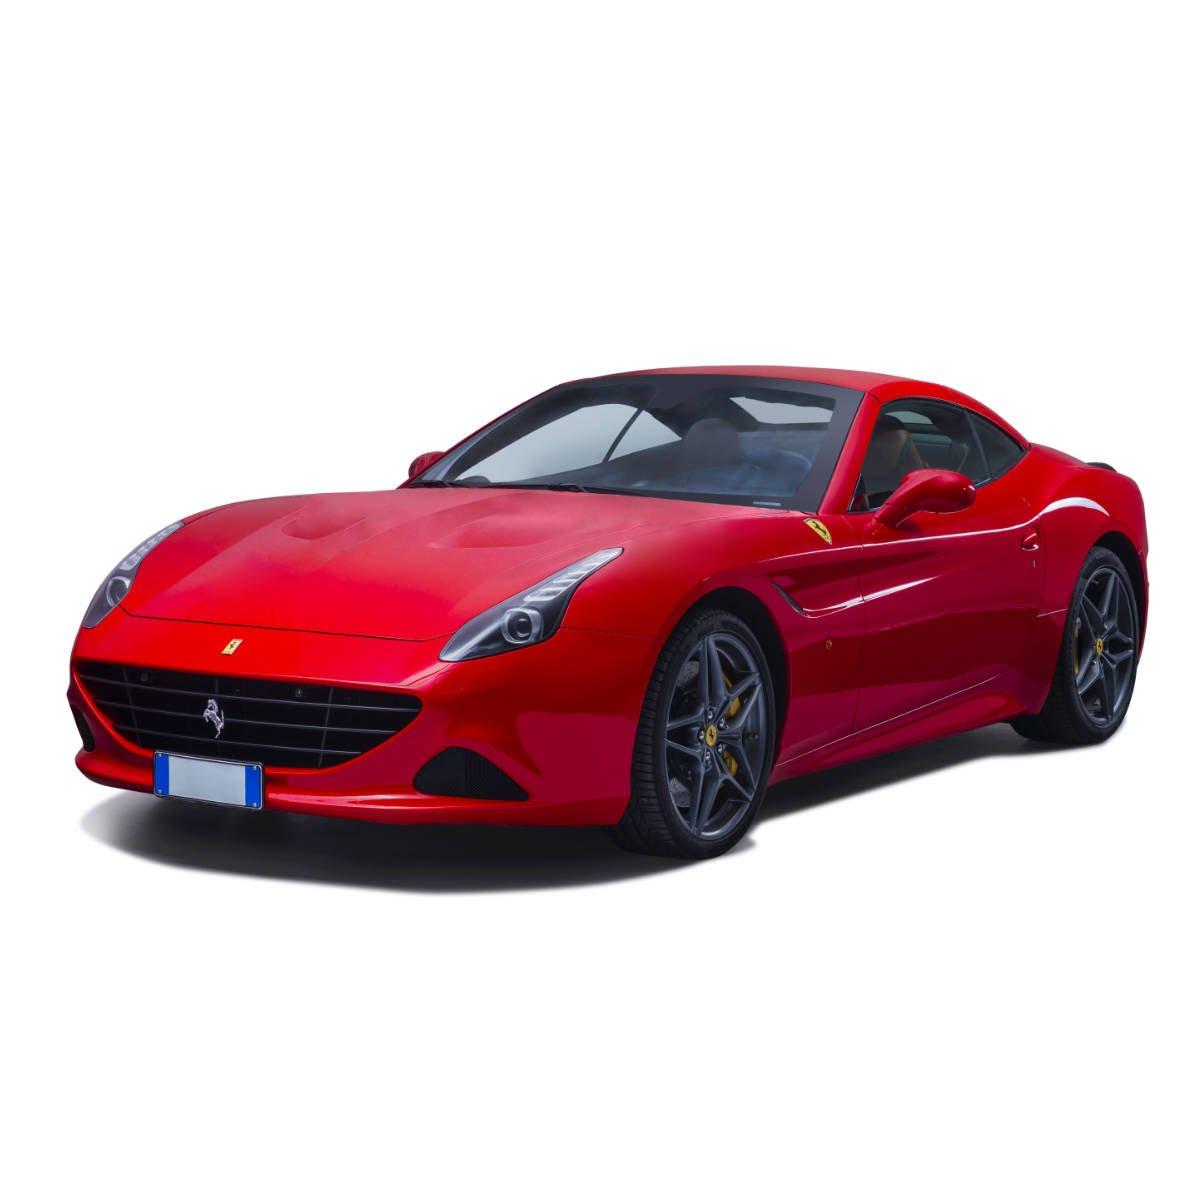 Test Drive Ferrari California T (4 posti) - Motorsport ...